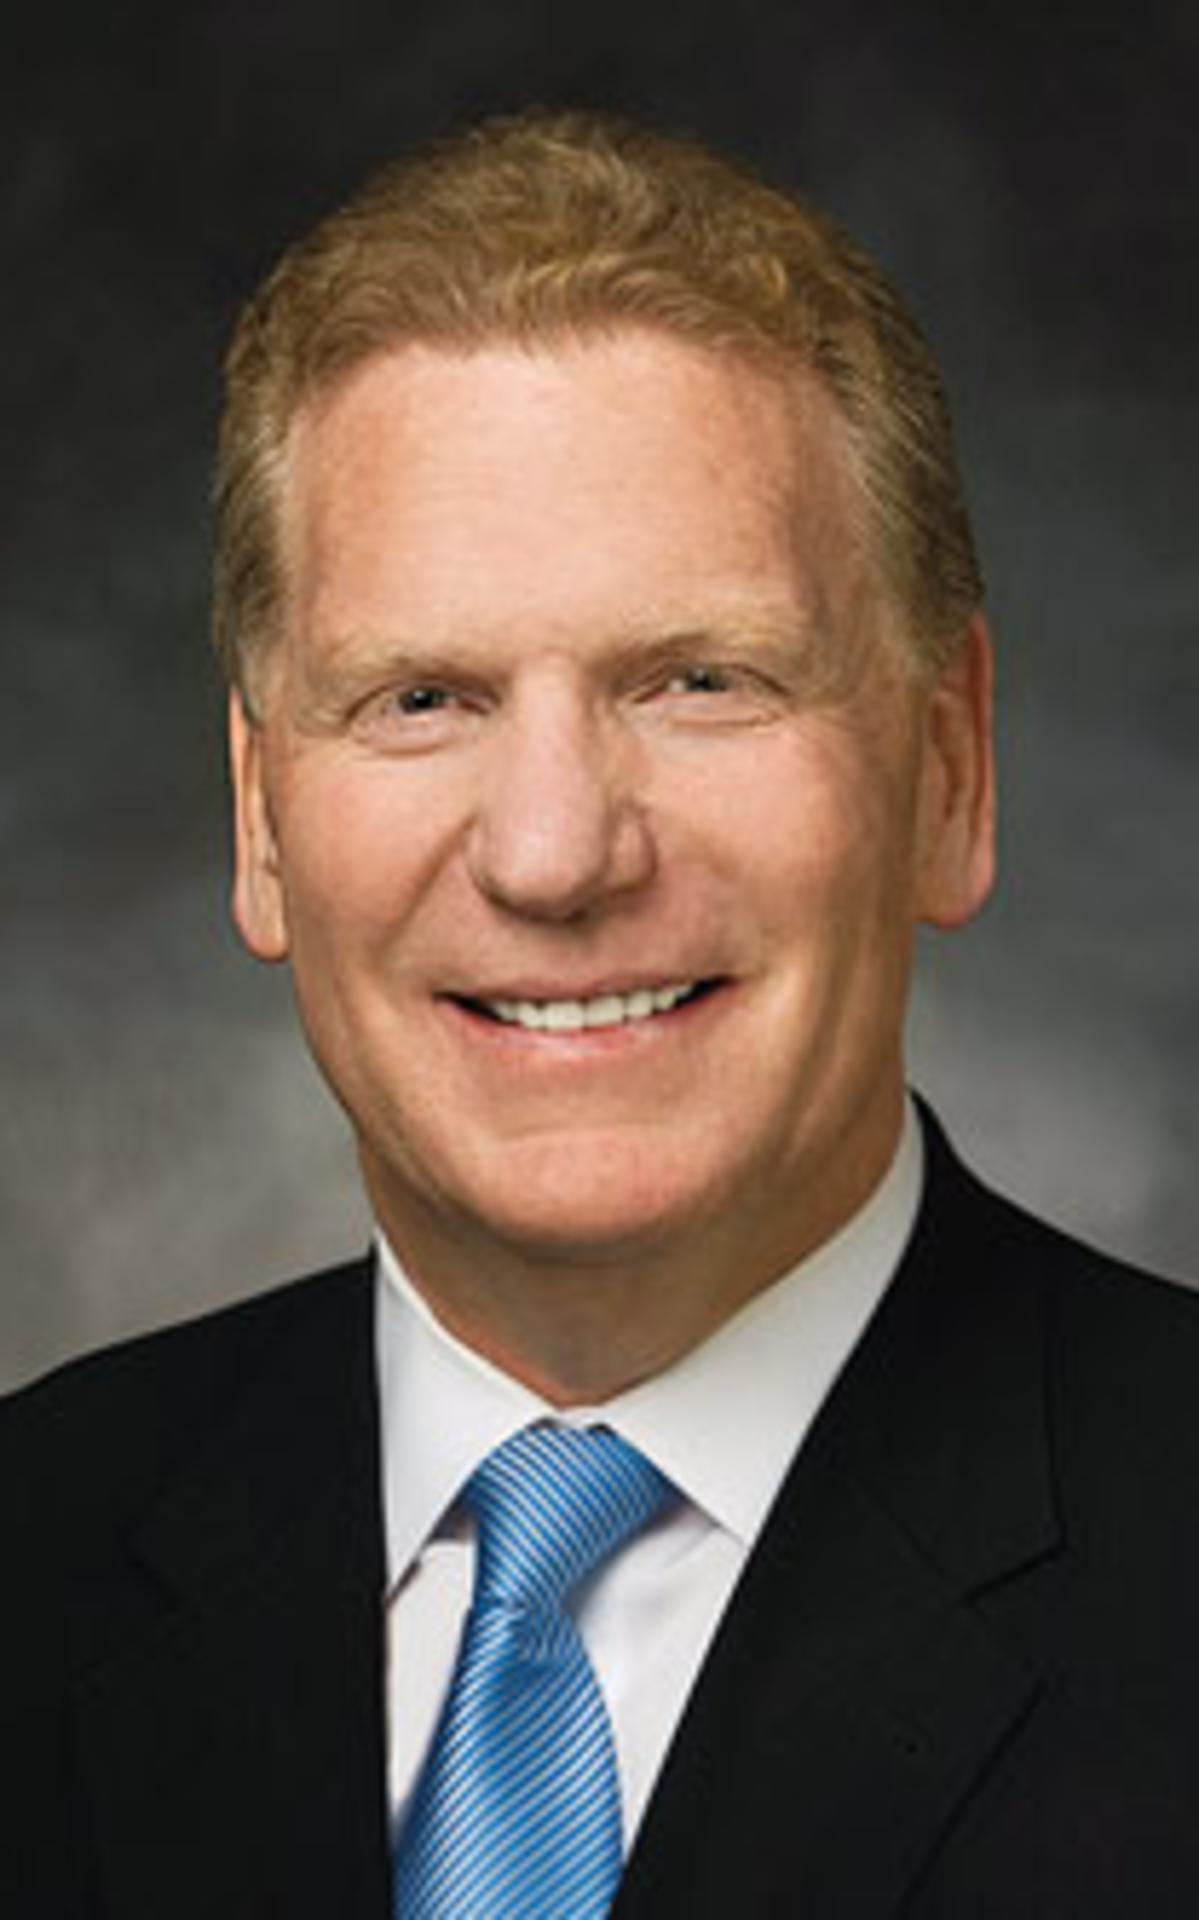 Ouderling Craig C. Christensen is op 5 oktober 2002 als algemeen zeventiger van De Kerk van Jezus Christus van de Heiligen der Laatste Dagen gesteund. In 2018 is hij als president van de gebieden in Utah geroepen.